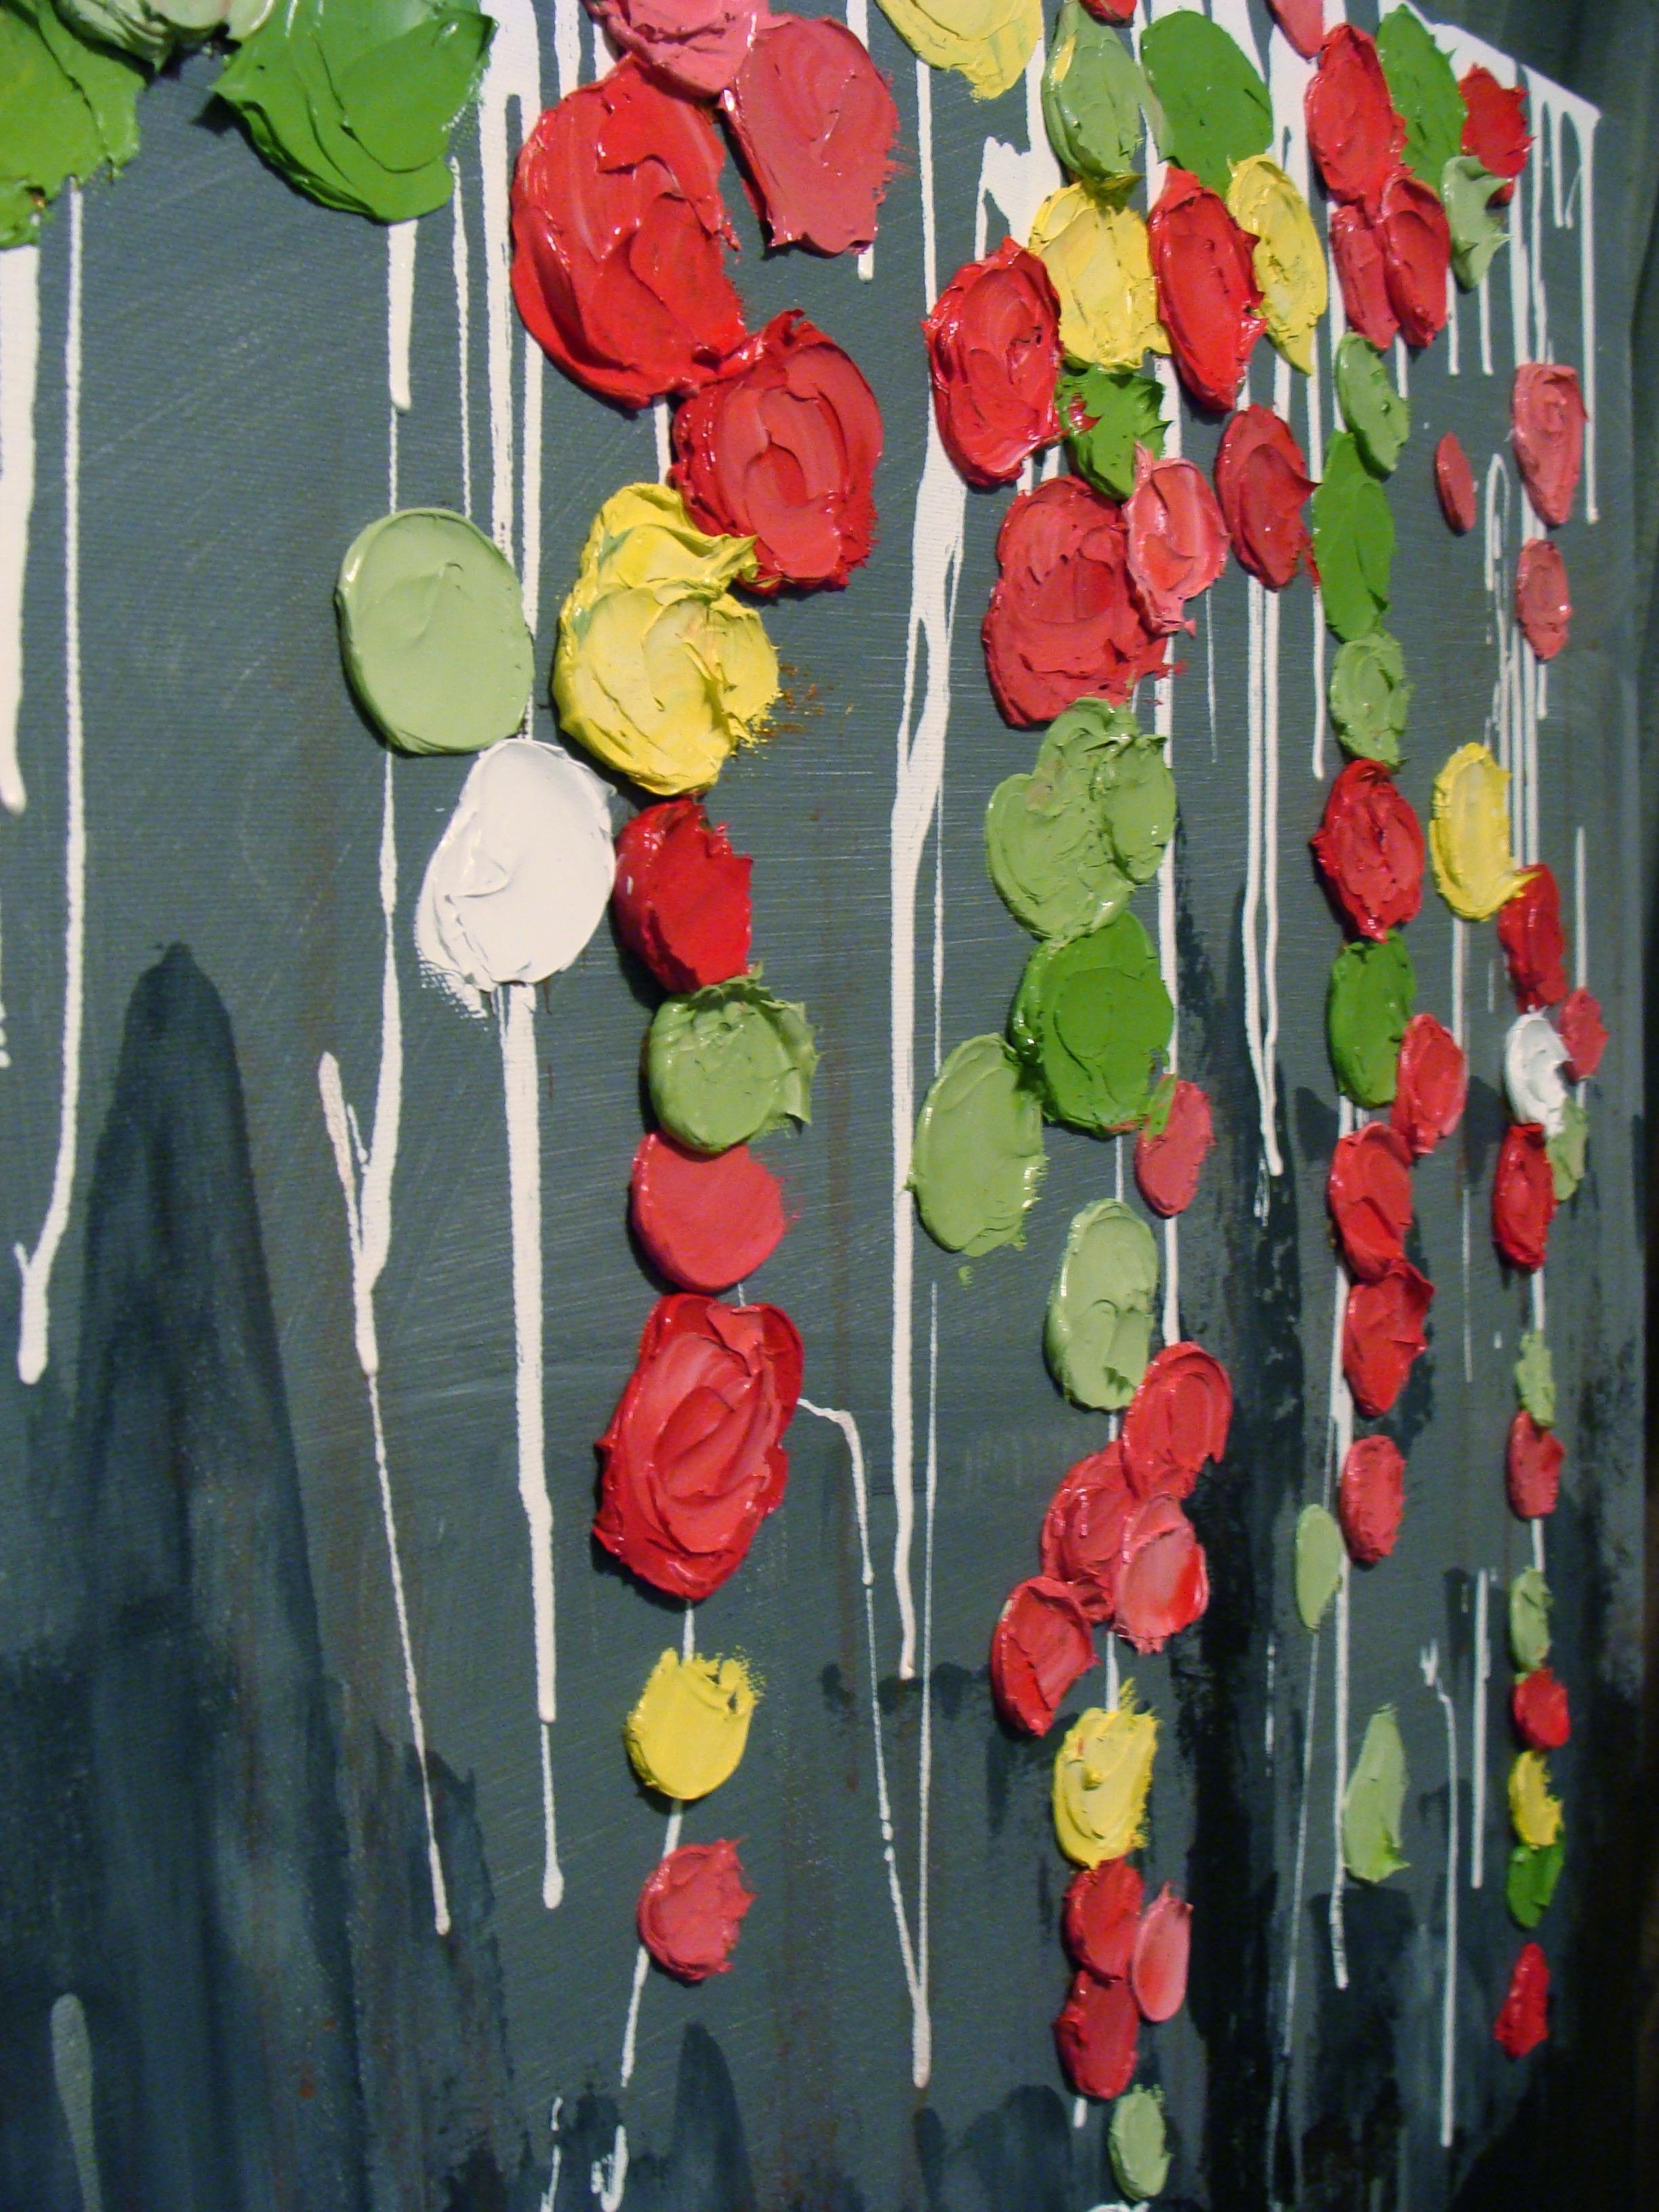 Petals by Trisha Lamoreaux (me) ;)